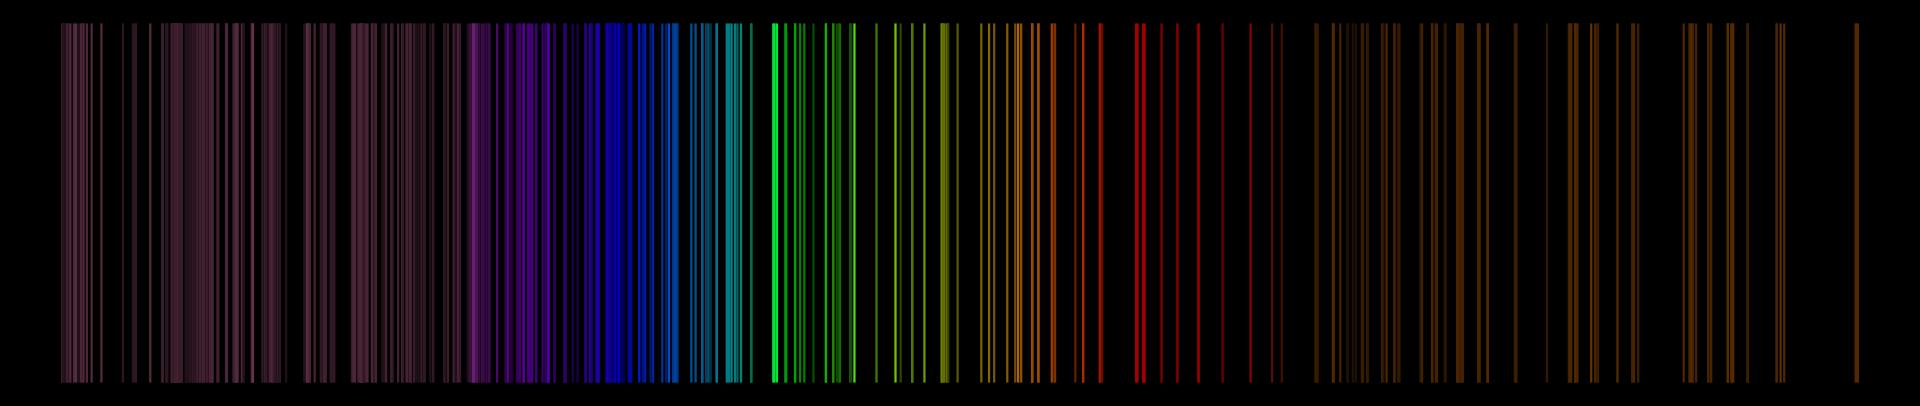 Ilustracja przedstawia widmo liniowe par Uranu. Czarny prostokąt. Na prostokącie narysowano wiele pionowych, różnobarwnych kreseczek. Barwy łagodnie przechodzą od ciemnofioletowej (wiśniowej), poprzez karmazynową, fioletową, granatową, niebieską, zieloną, seledynową, zielono-żółtą, pomarańczową, czerwoną, bordową, aż do brązowej.